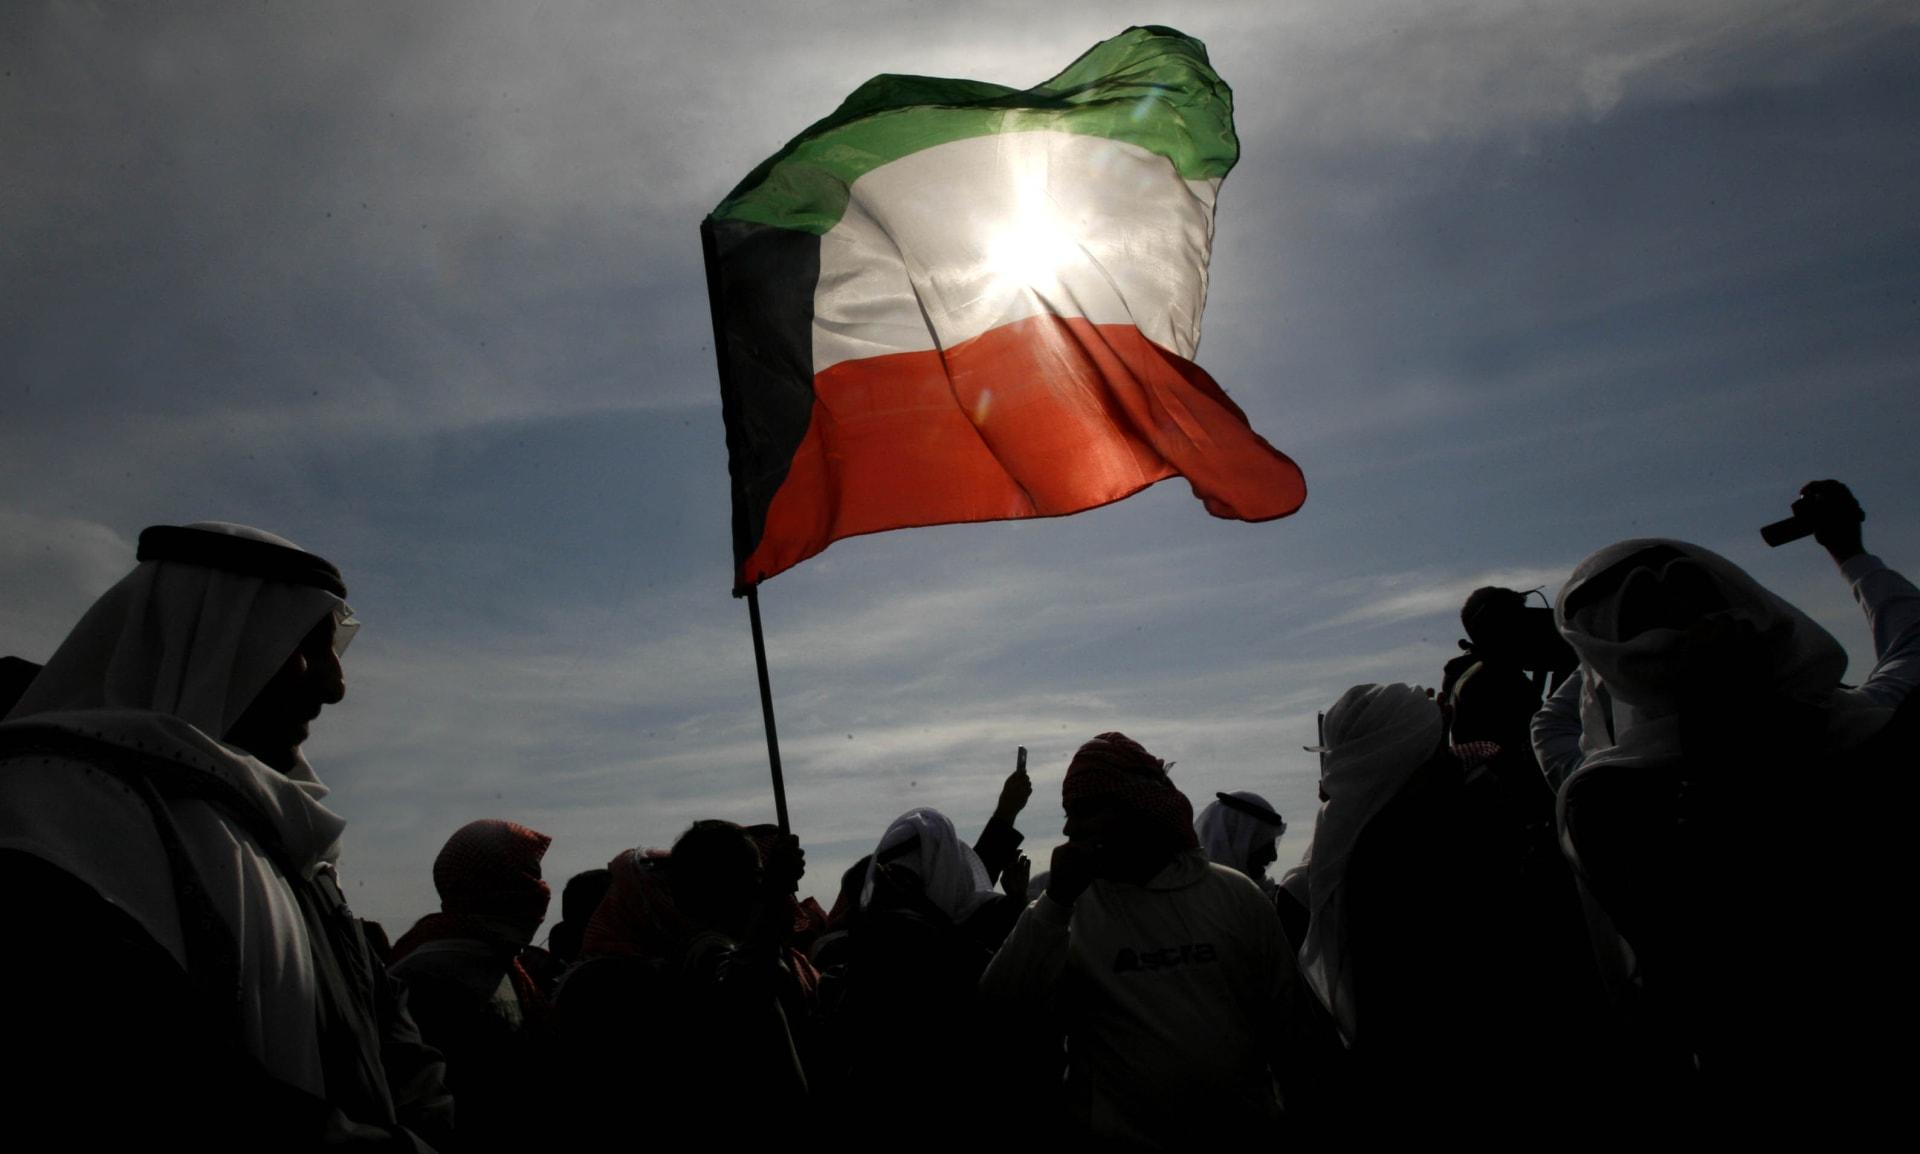 رسالة من السفارة الكويتية في السودان لرعاياها بعد لجوء بعضهم لنظيرتها السعودية